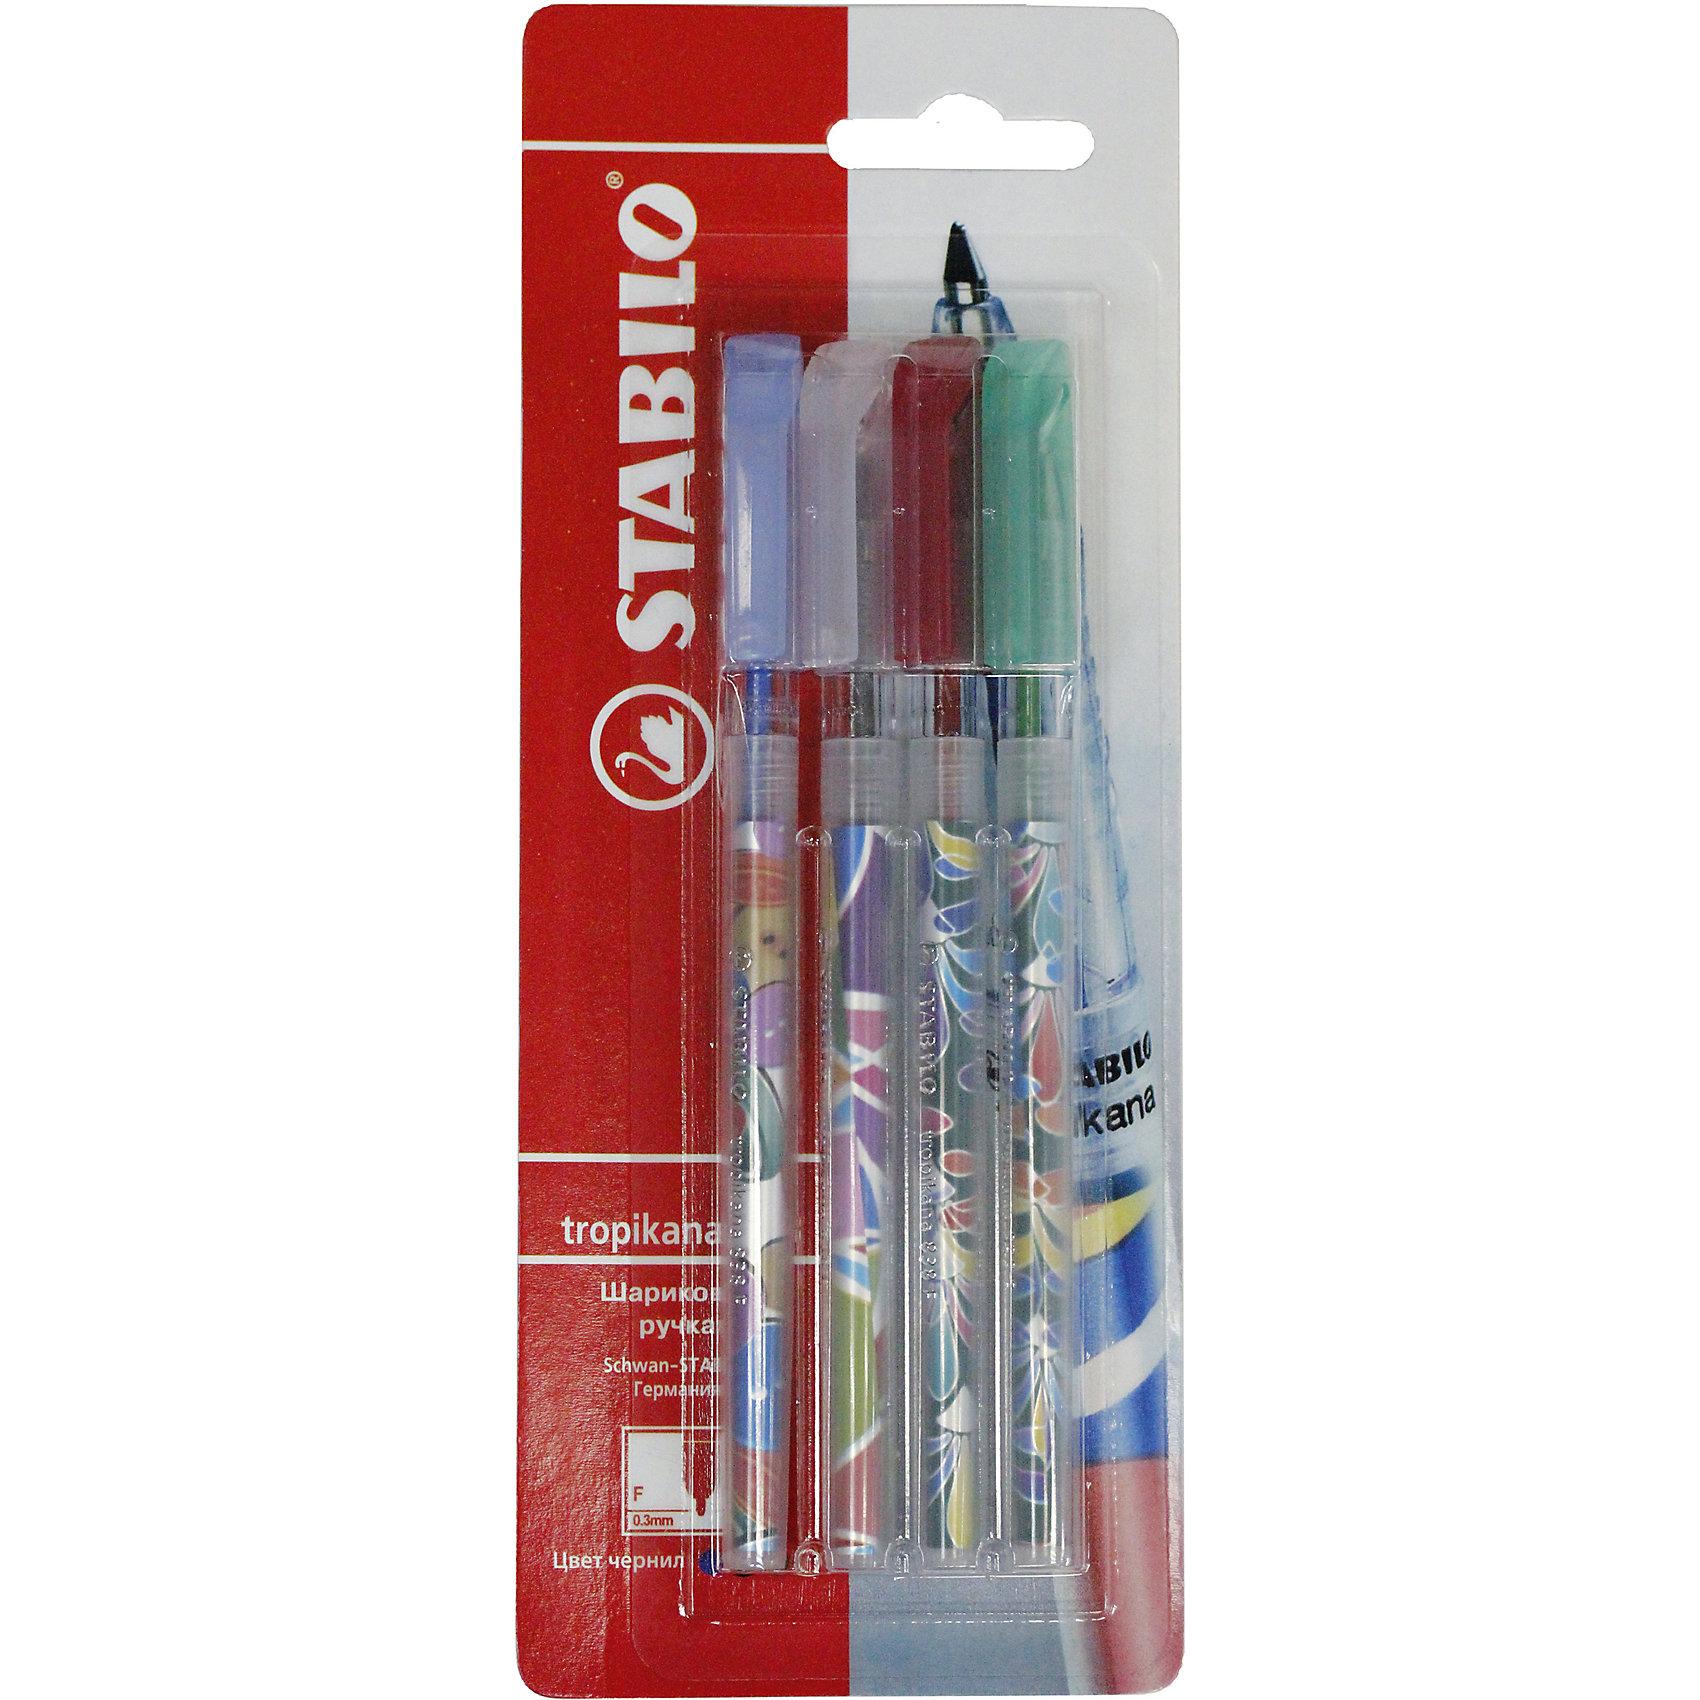 Набор ручекПисьменные принадлежности<br>Набор ручек от марки Stabilo<br><br>Удобные немецкие ручки от компании Stabilo в прозрачном корпусе. Пишущий инструмент отличного качества! Автоматическая шариковая ручка имеет заменяемый стержень и надежный клип.<br>Отлично ложится в руке, пишет мягко. Дает аккуратную линию. Чернил хватает на долгое время! Чернила быстро сохнут. В наборе - четыре ручки с разными яркими корпусами.<br><br>Особенности данной модели:<br><br>ширина оставляемого следа: 0,3 мм;<br>цвет корпуса: разноцветный.<br><br>Набор ручек от марки Stabilo можно купить в нашем магазине.<br><br>Ширина мм: 204<br>Глубина мм: 80<br>Высота мм: 10<br>Вес г: 10<br>Возраст от месяцев: 36<br>Возраст до месяцев: 2147483647<br>Пол: Унисекс<br>Возраст: Детский<br>SKU: 4684735